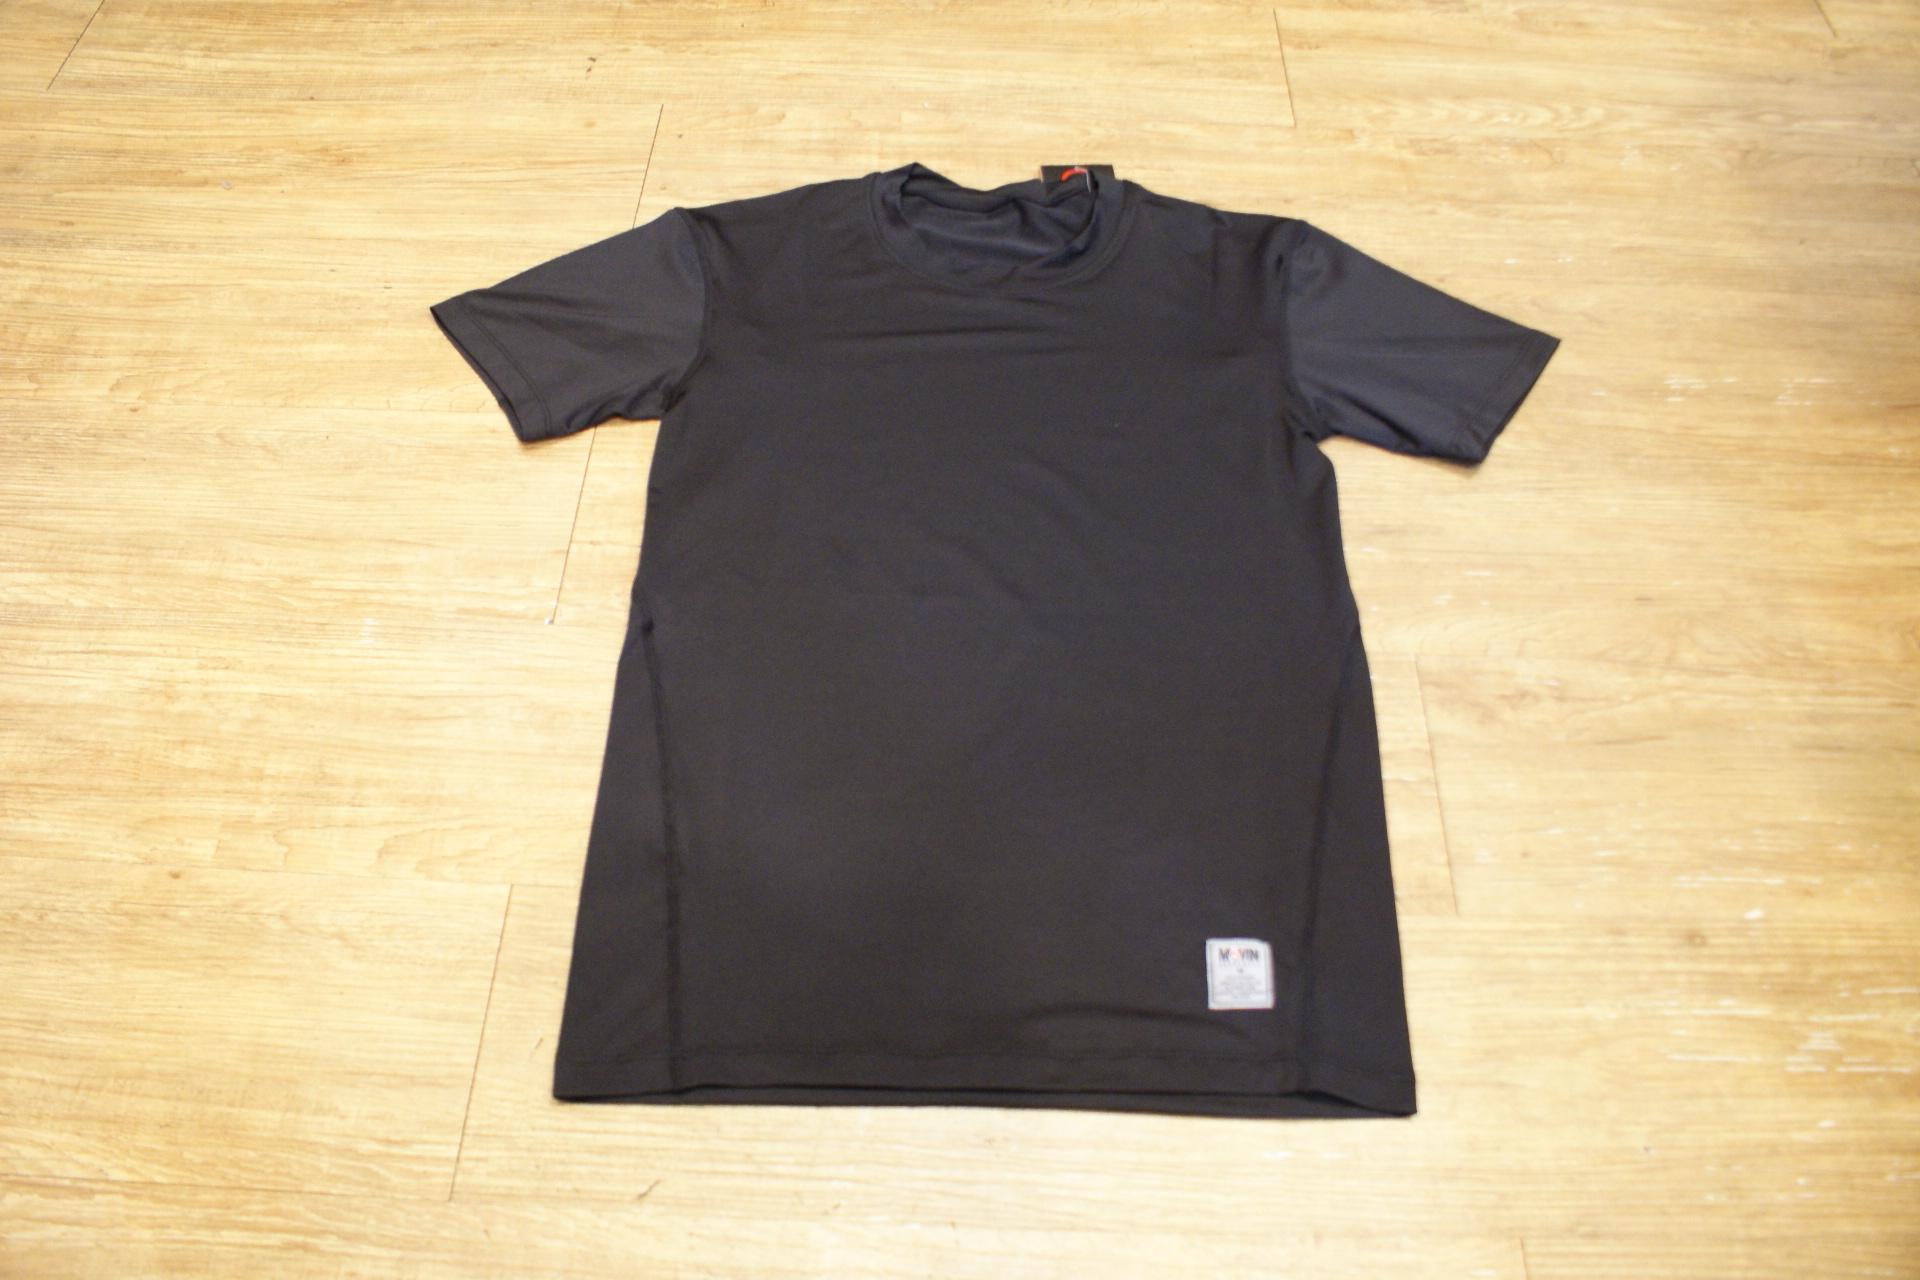 棒球世界 全新MOVIN PRO 短袖緊身衣 黑色款式 特價